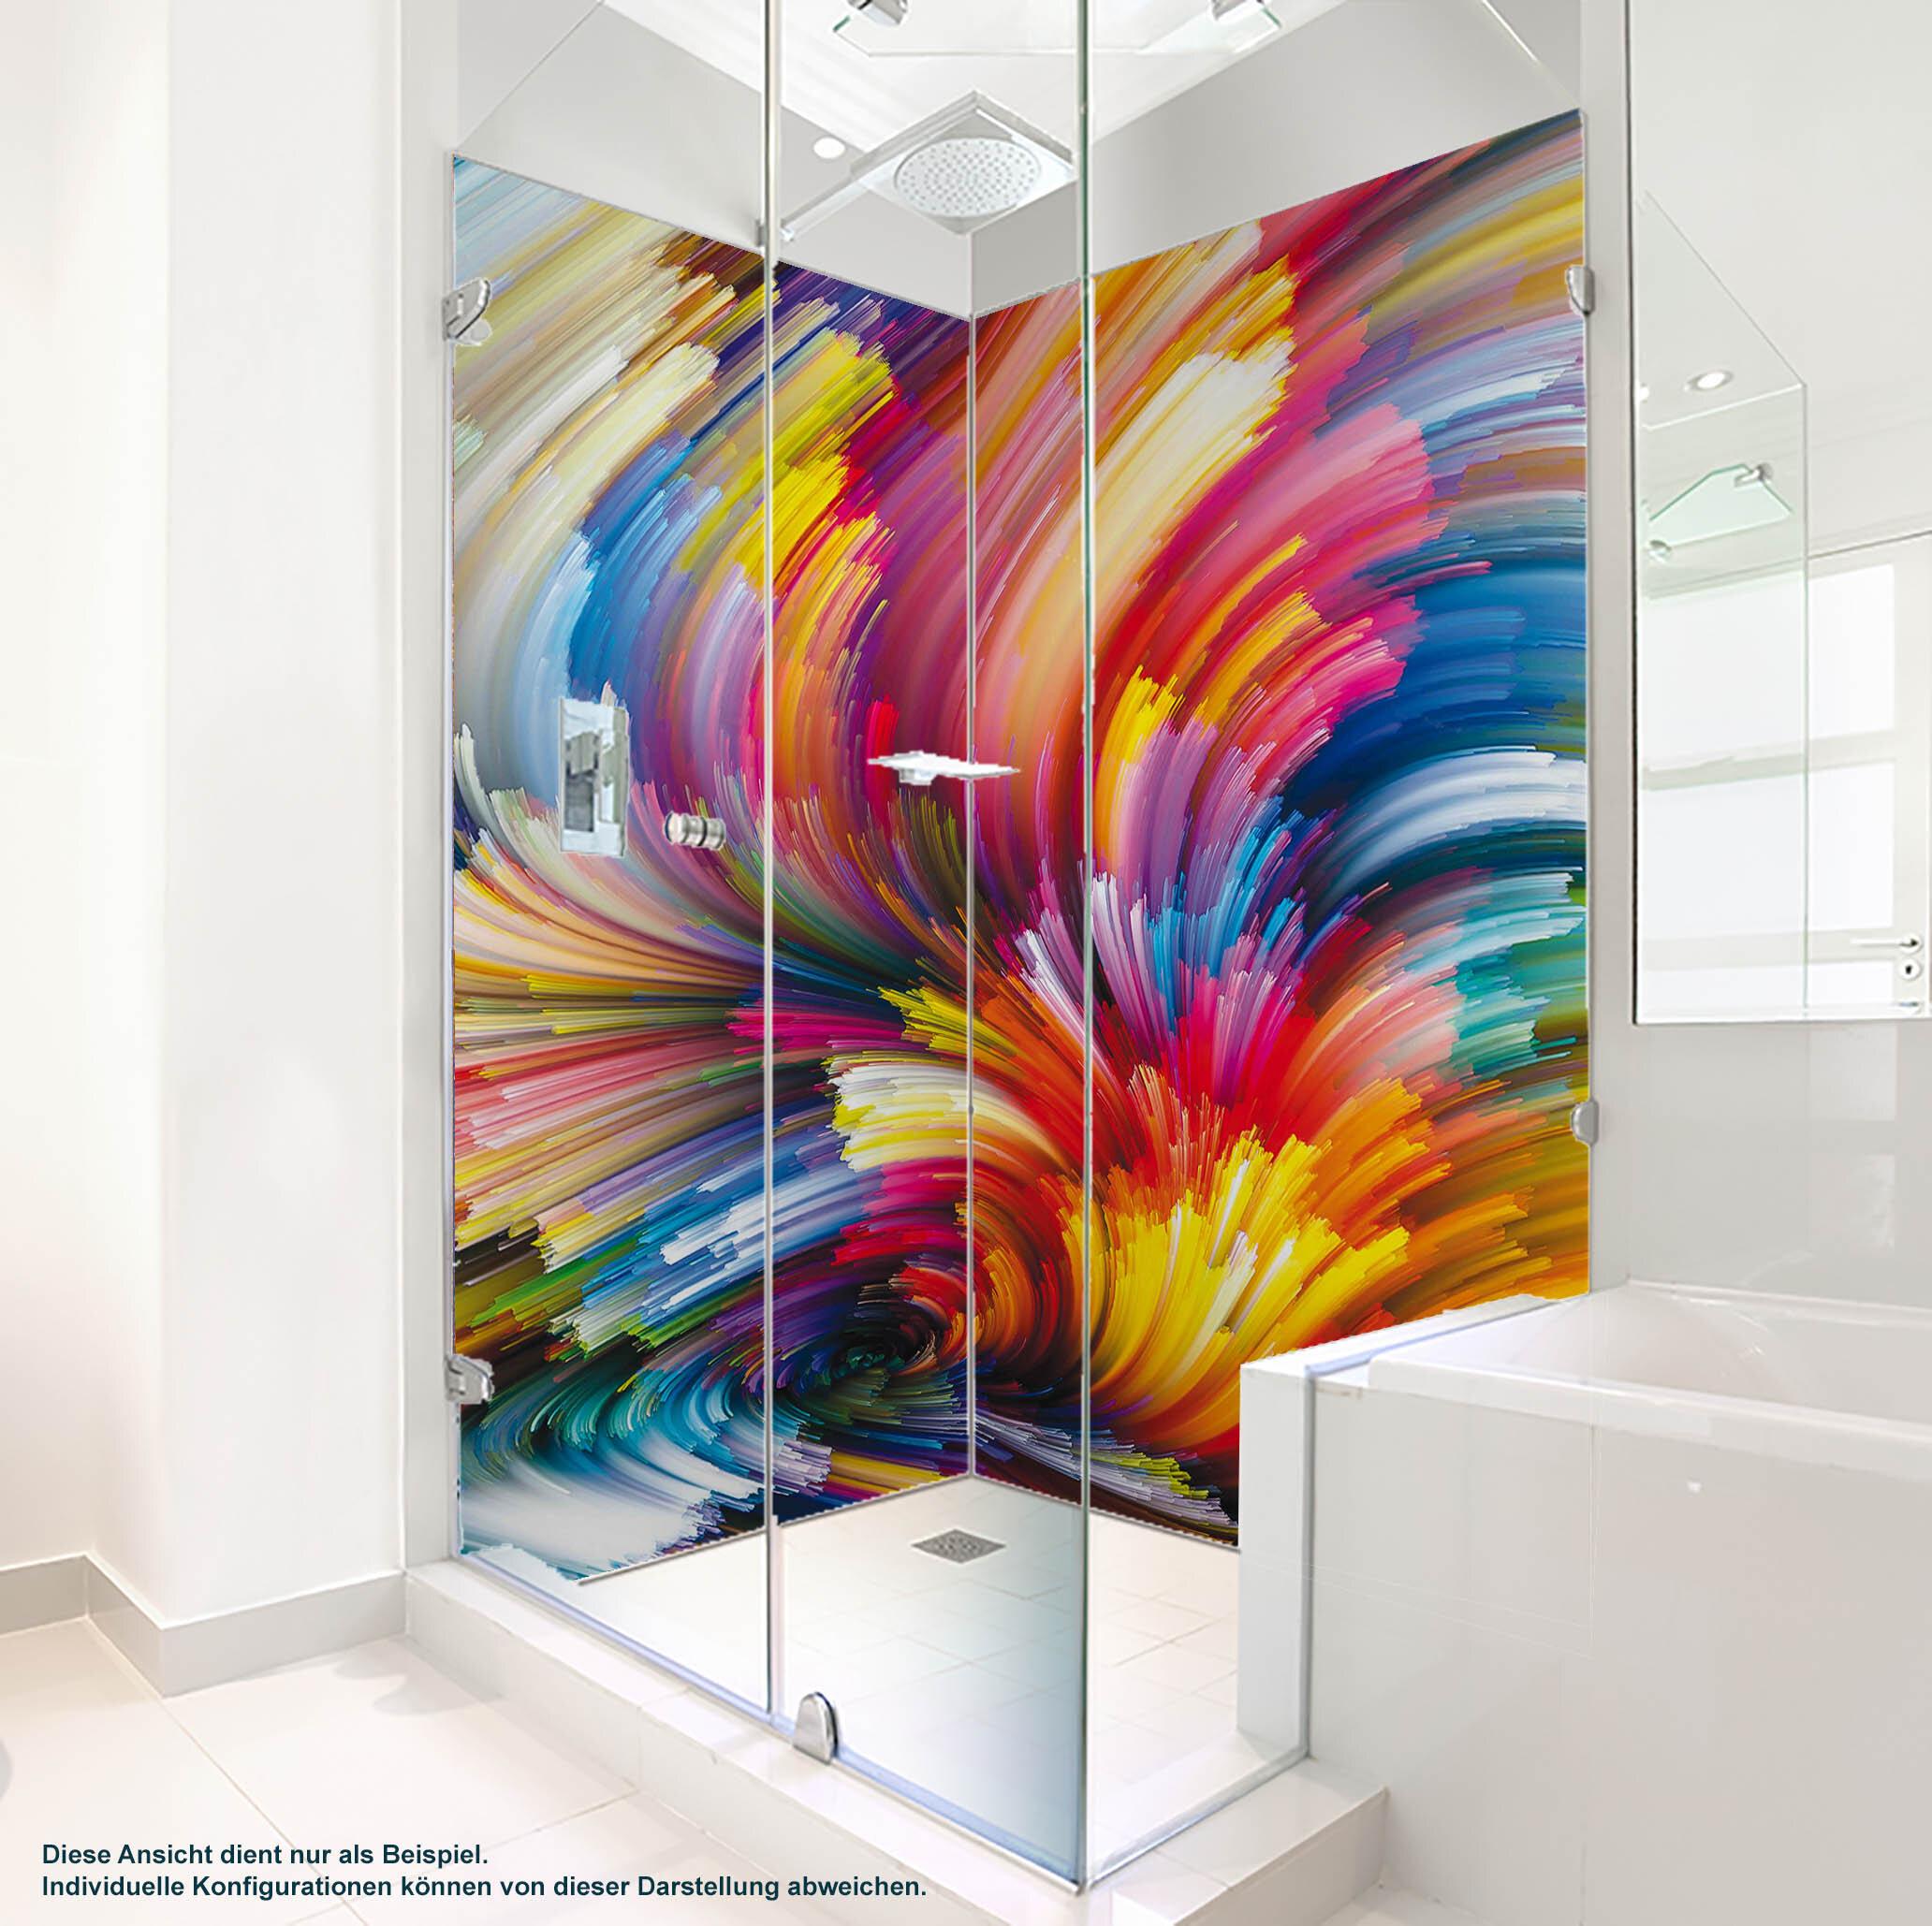 Dusche PlateART Duschrückwand mit Motiv Farbexplosion